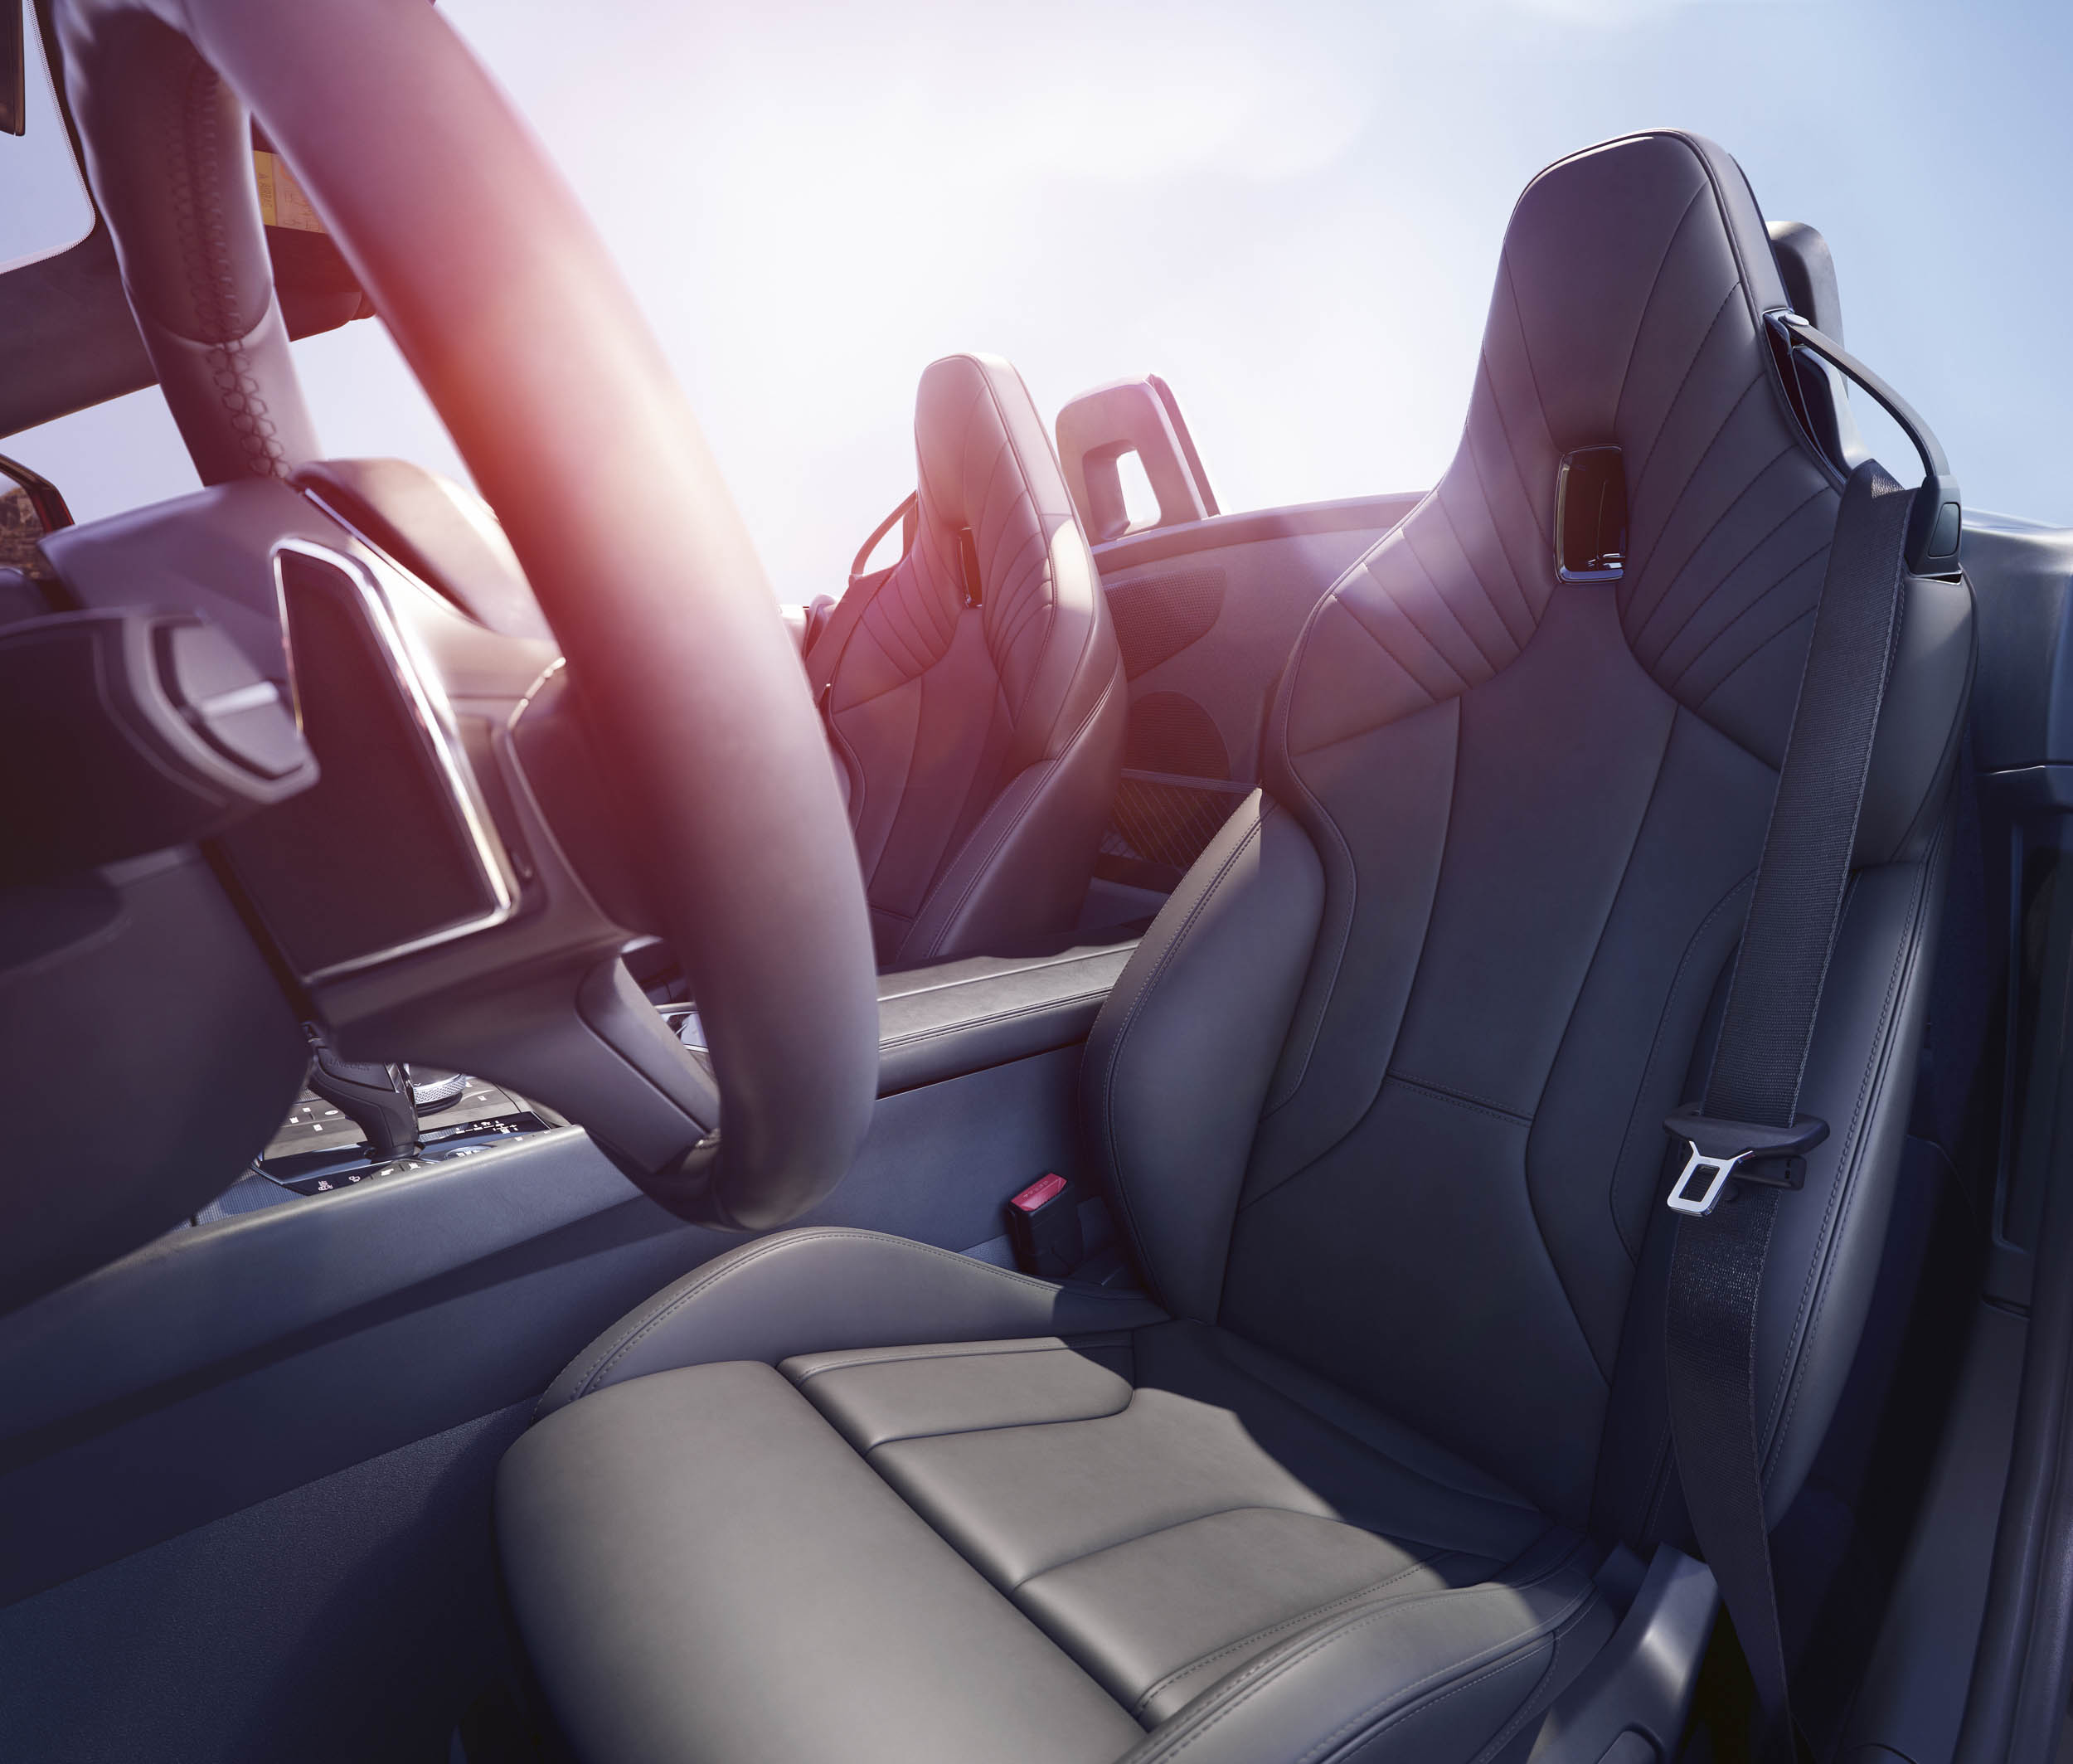 BMW Z4 M40i seats